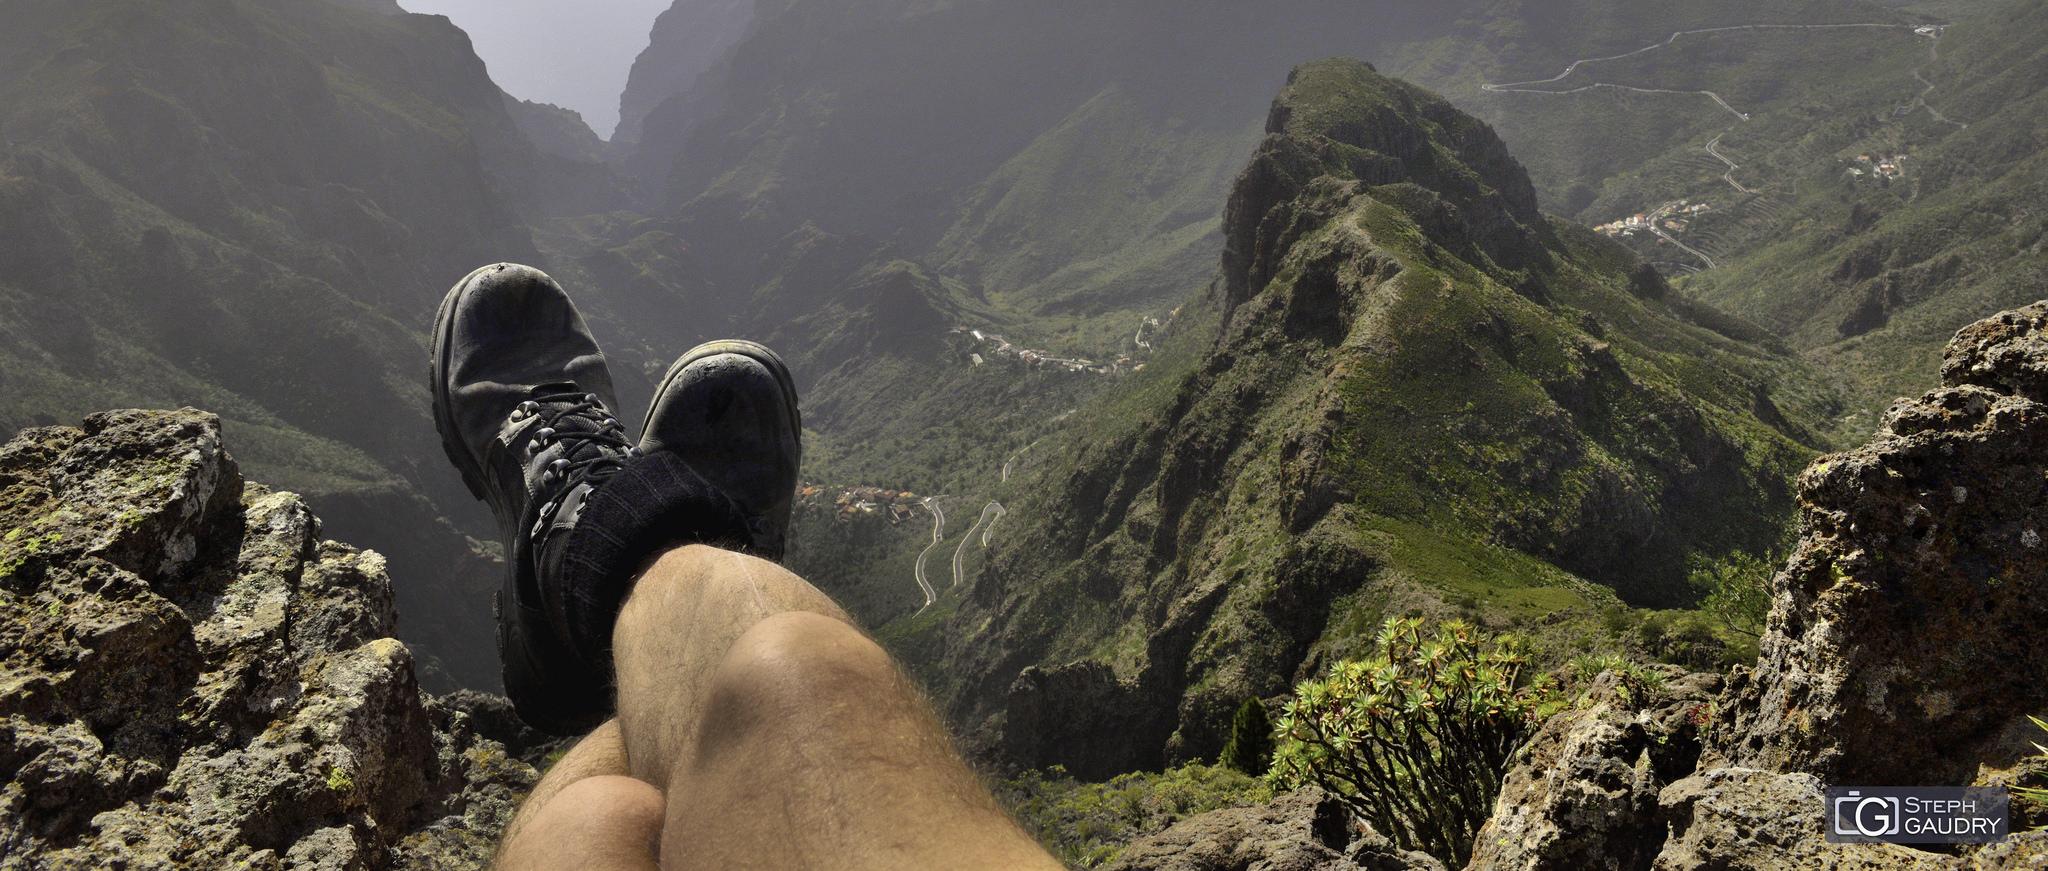 Trekking : El descanso y la vista sobre el Barranco de Masca [Cliquez pour lancer le diaporama]